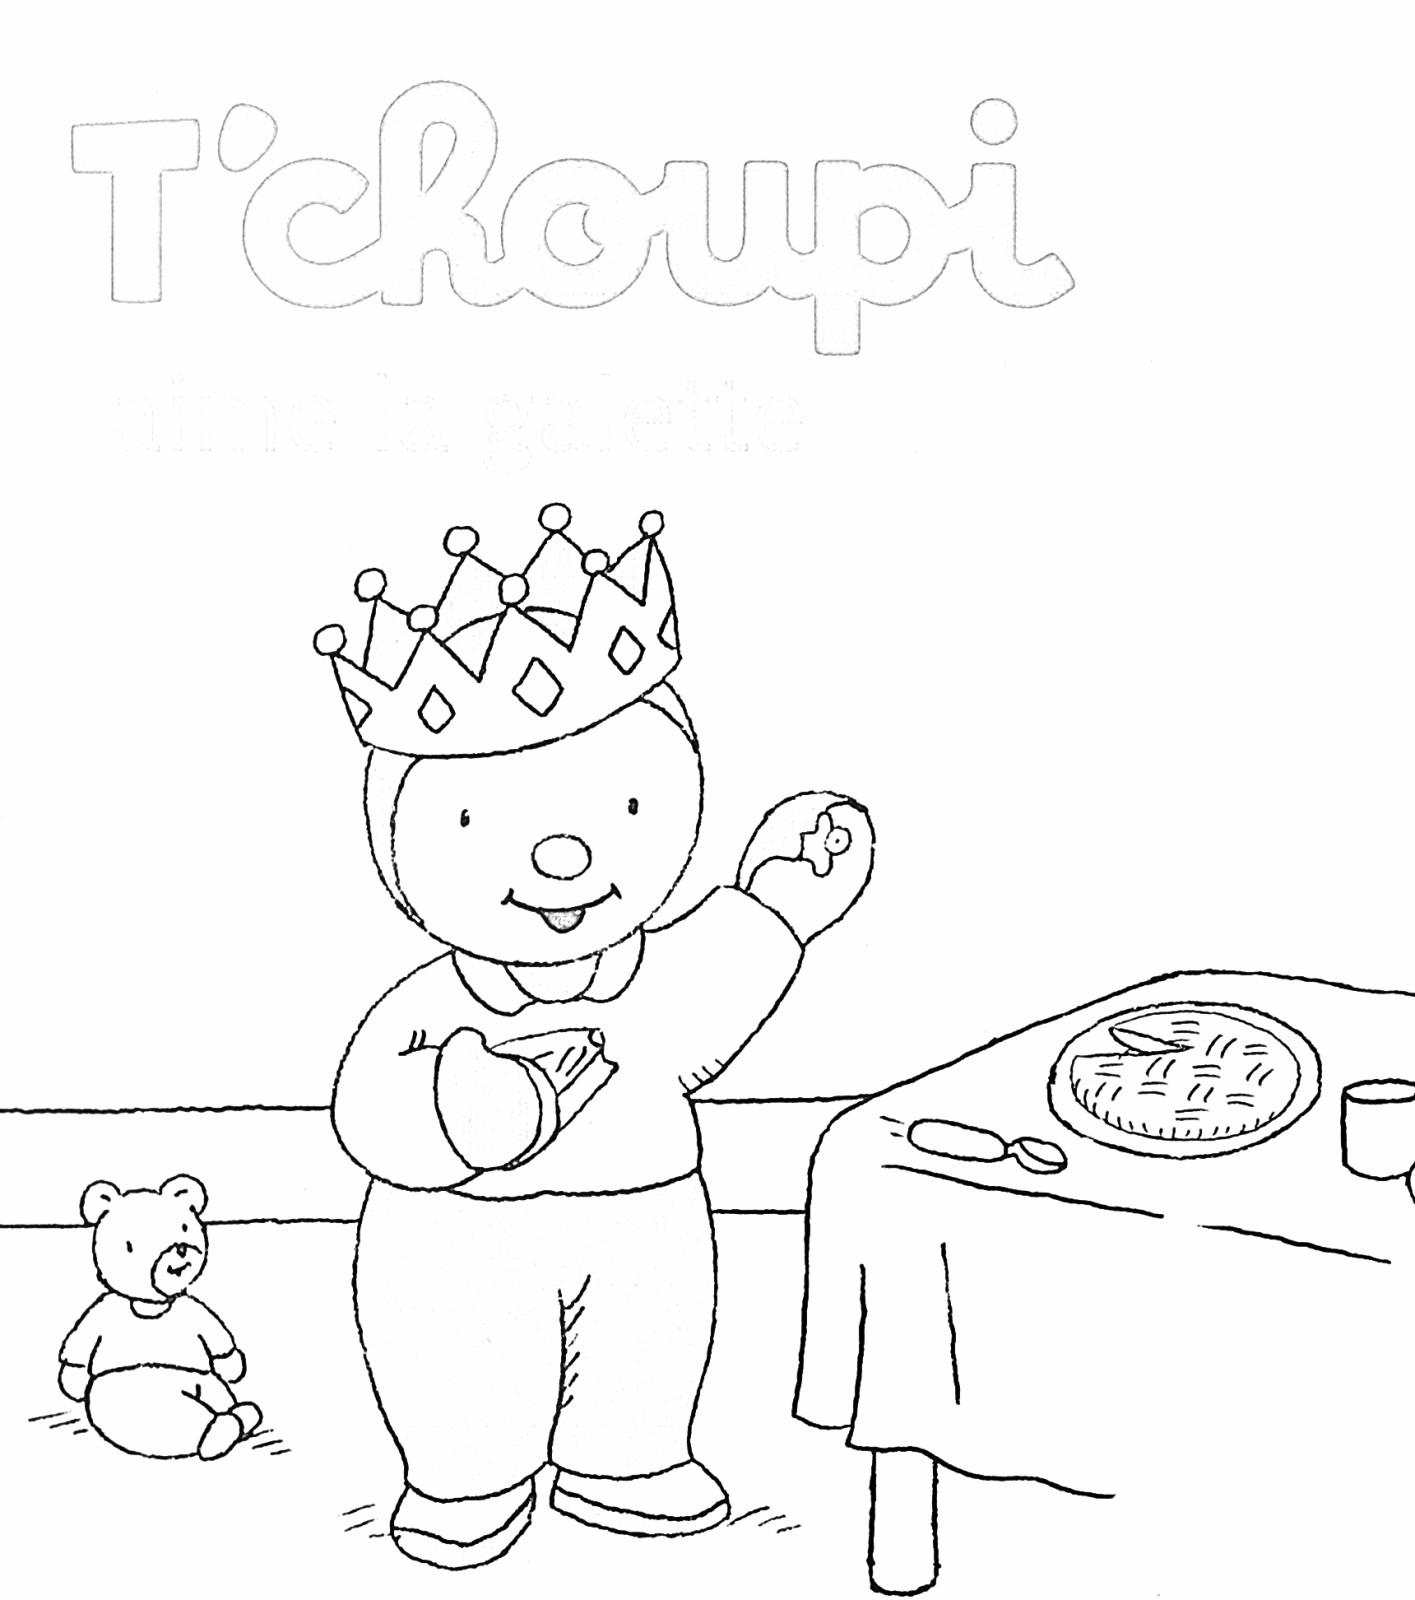 Coloriage Tchoupi Et Doudou - Les Beaux Dessins De Dessin concernant Coloriage De Tchoupi Et Doudou